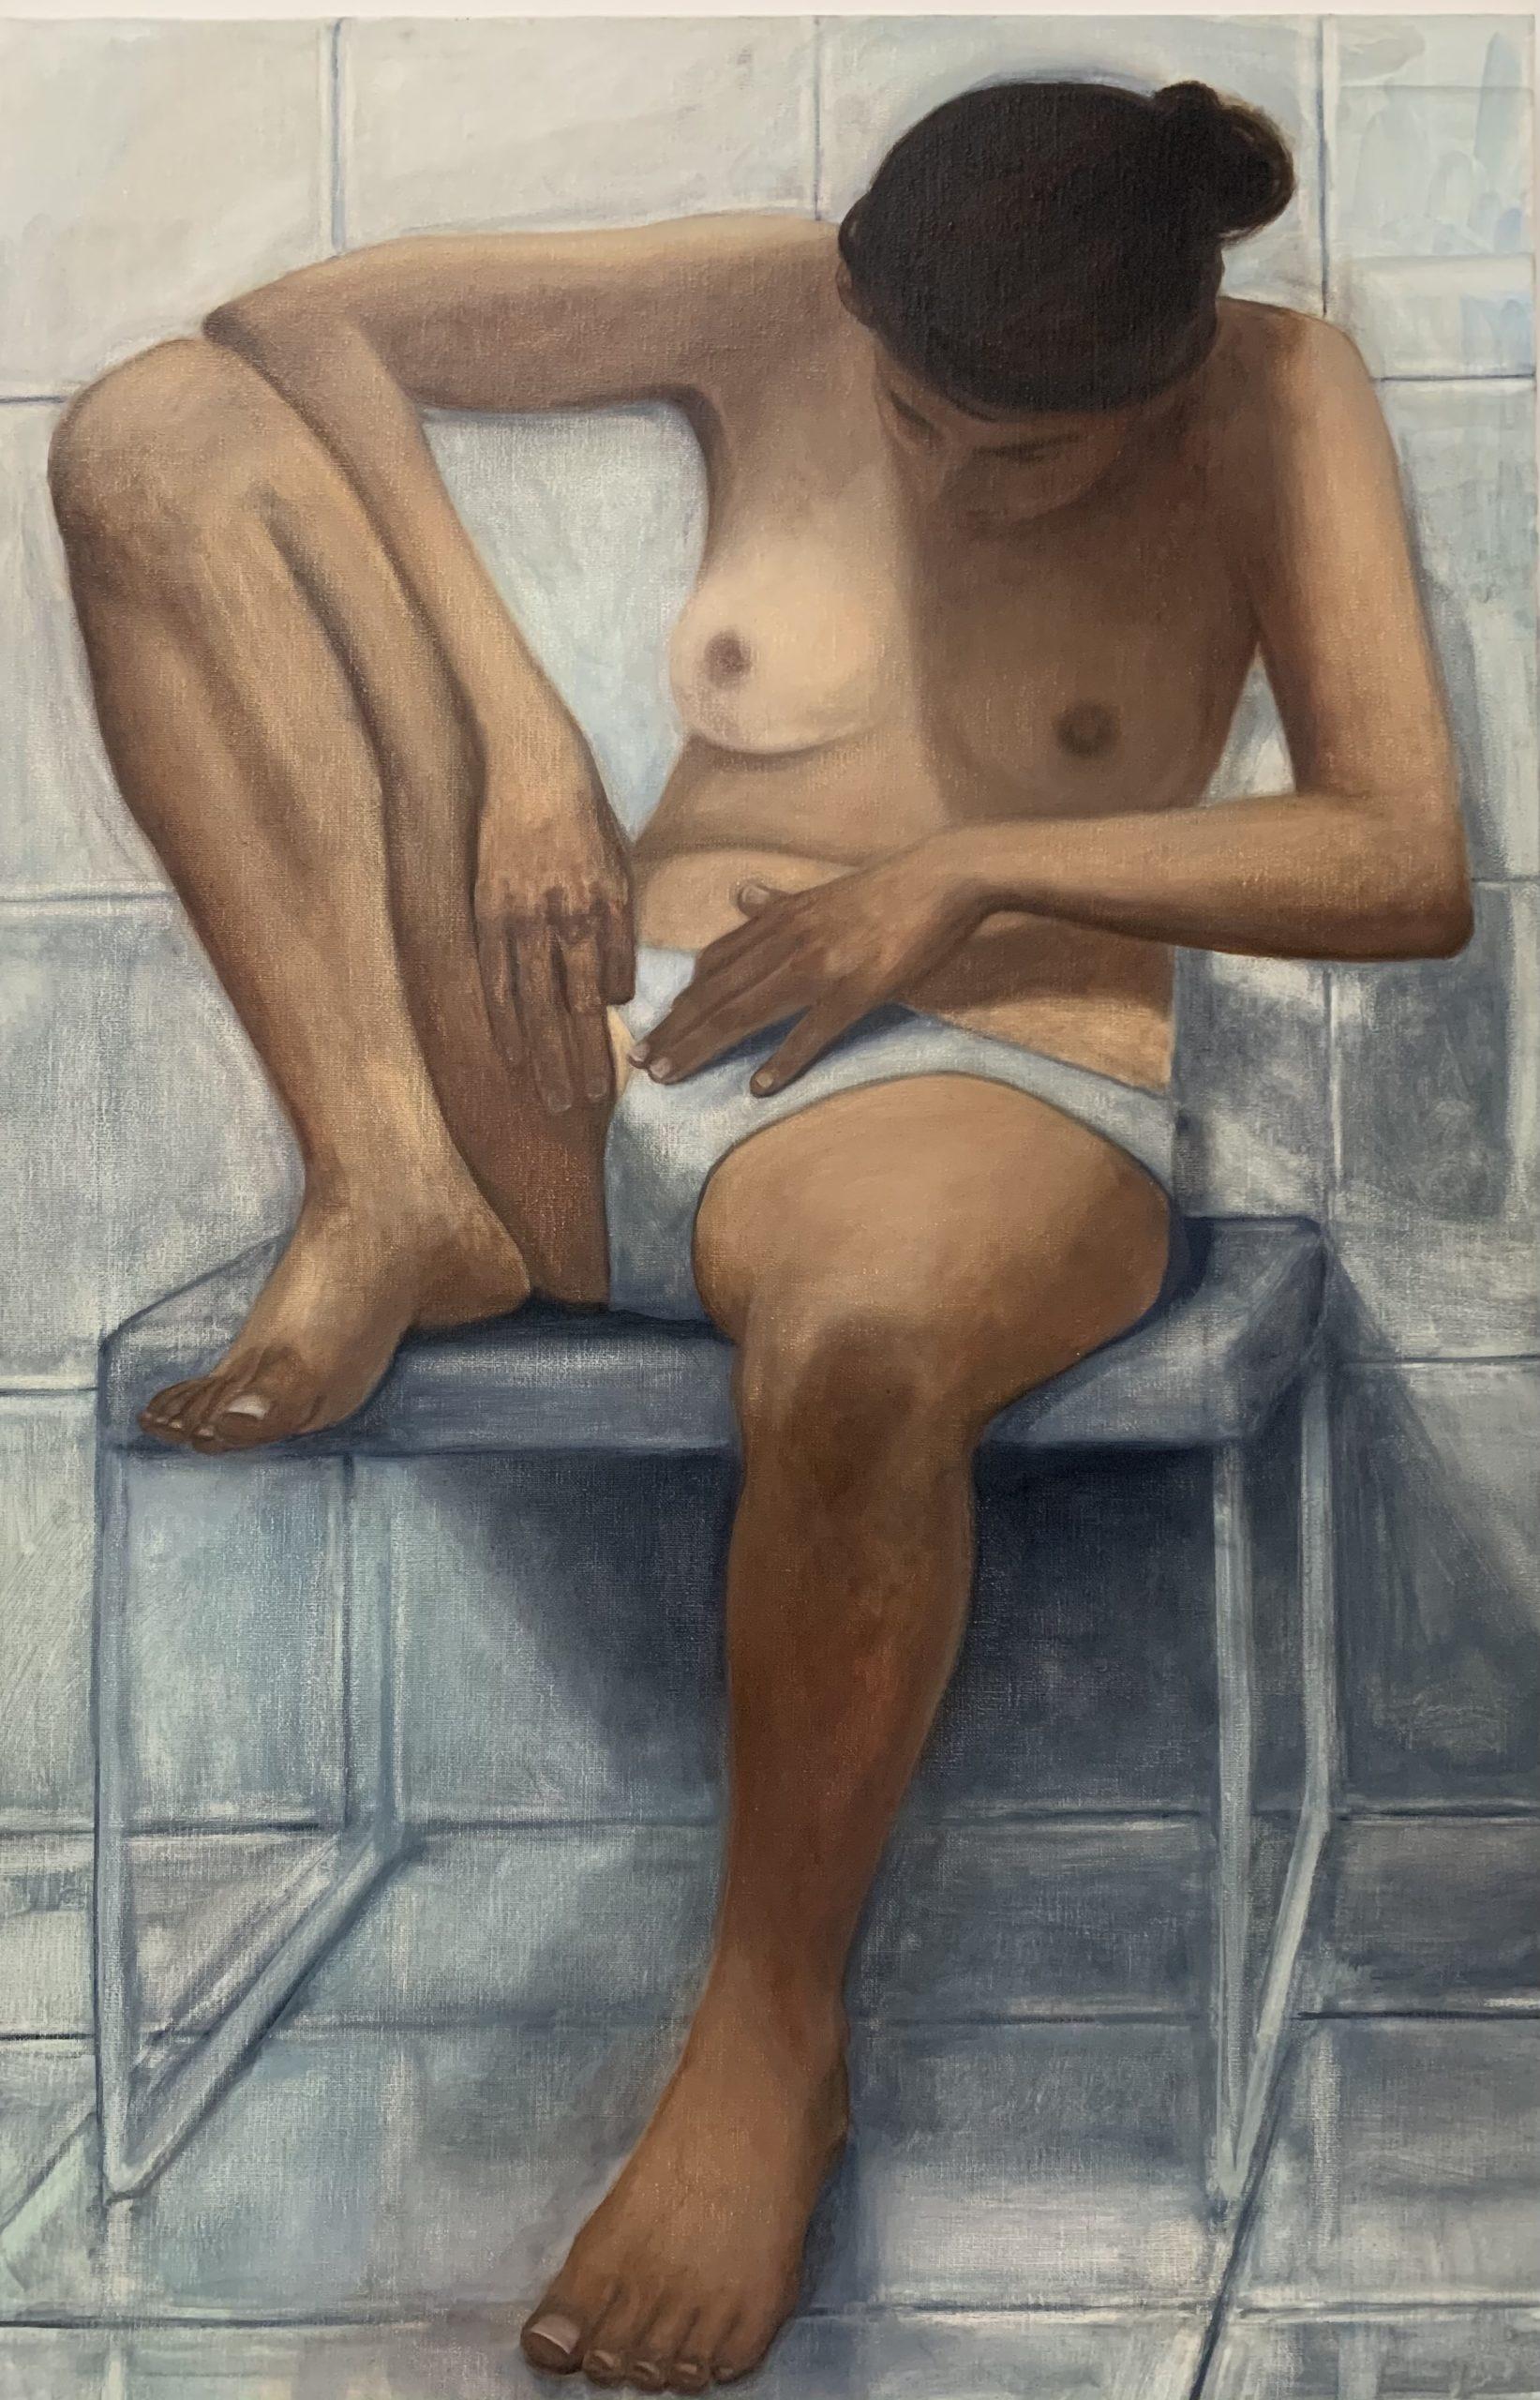 Pince à épiler, 2020, huile sur toile, 110 x 62 cm